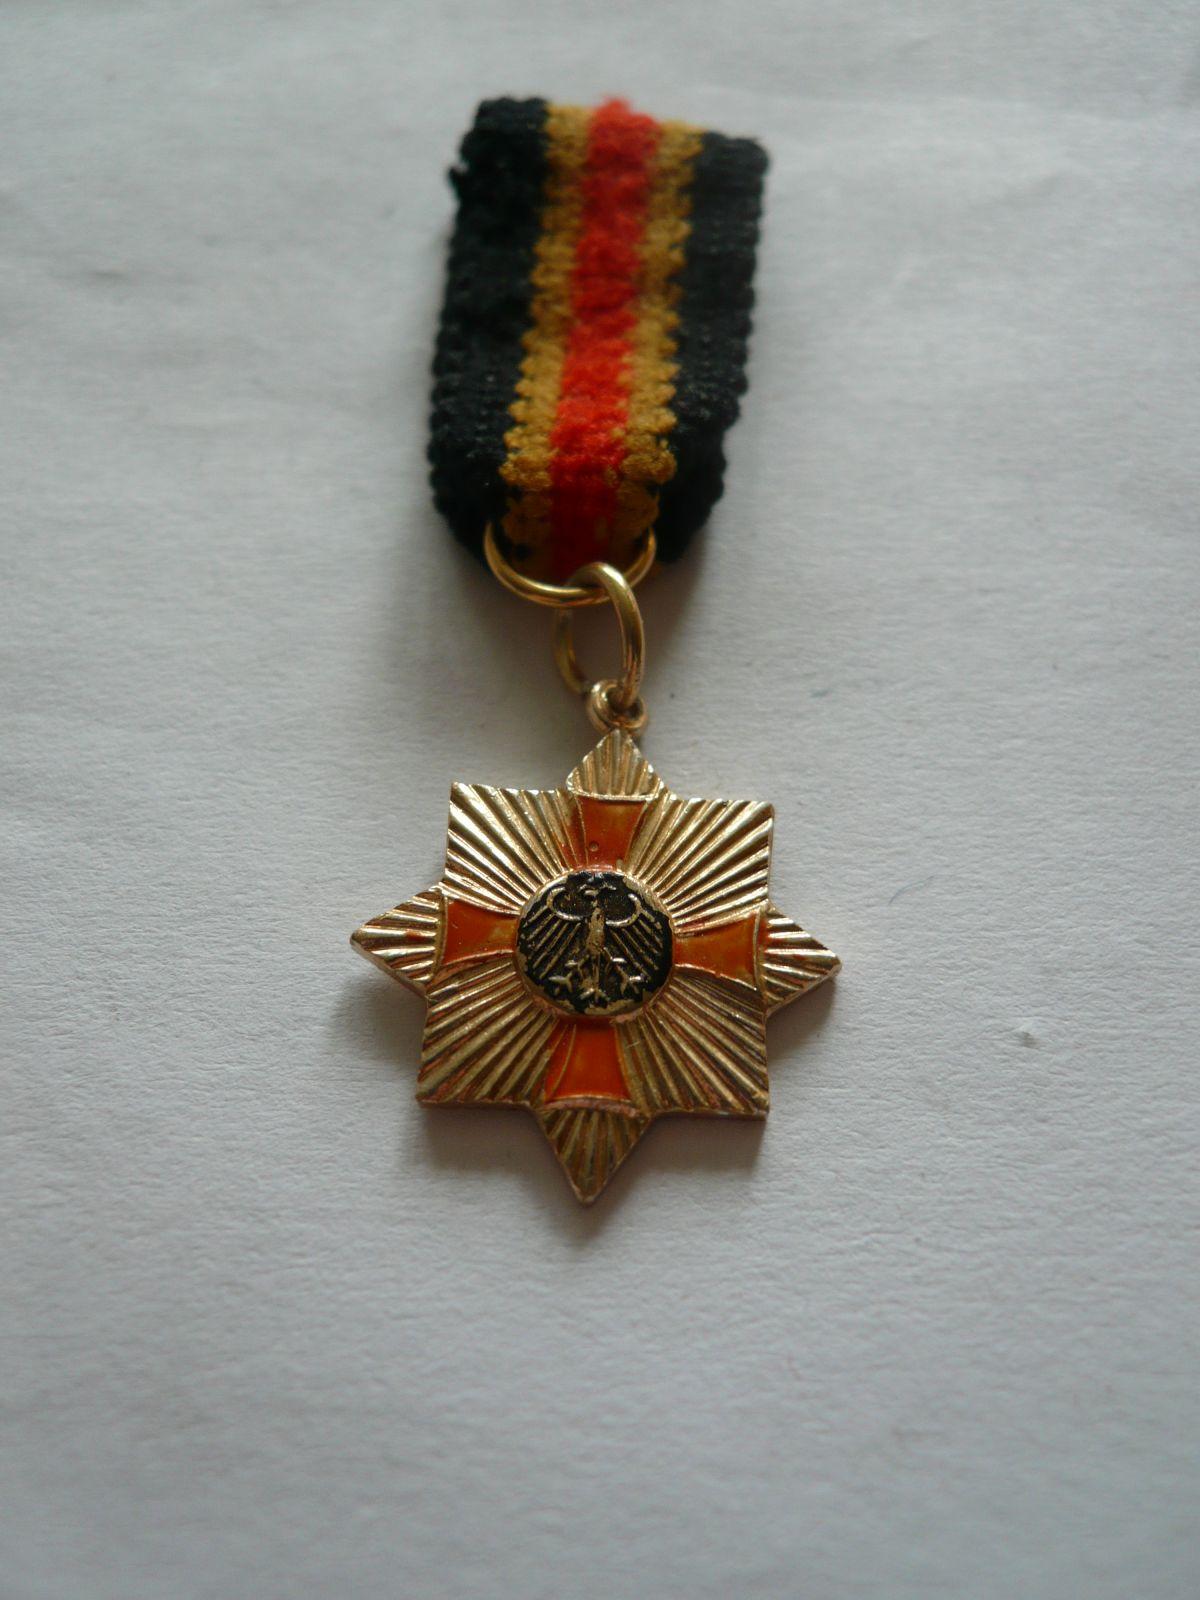 miniatura záslužného kříže, Německo